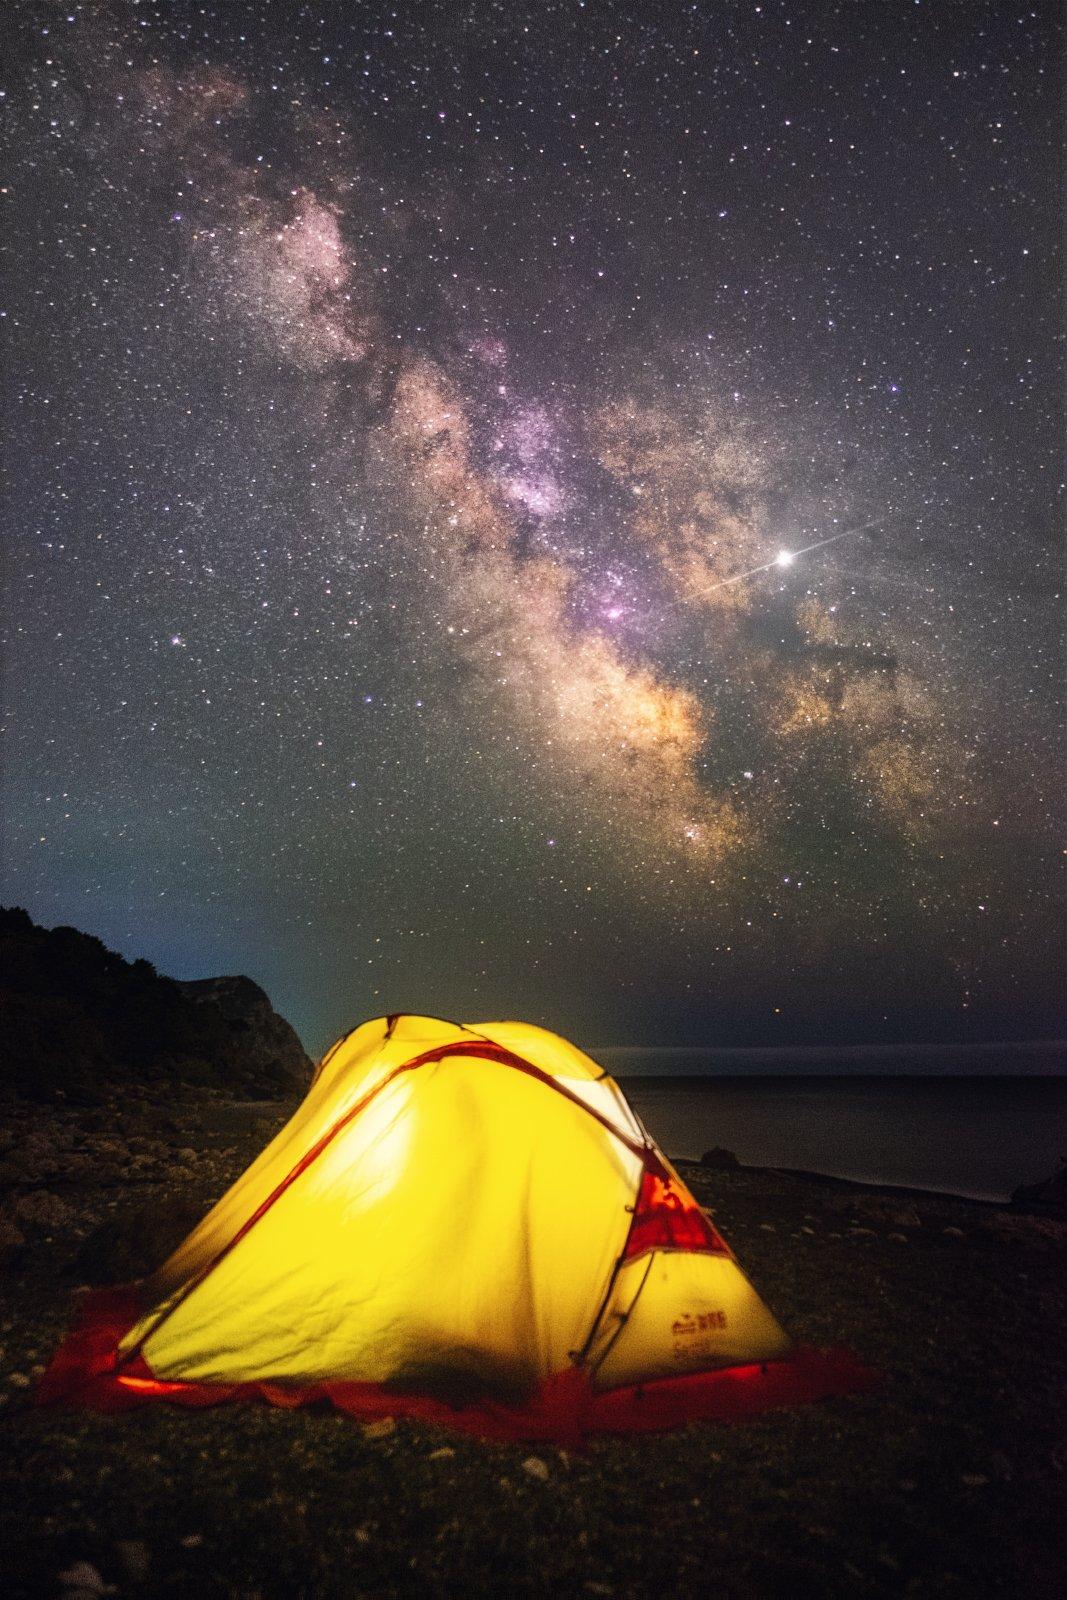 ночь, звезды, астро, млечный путь, milky way, крым, юбк, черное море, балаклава, весна, Желтов Глеб